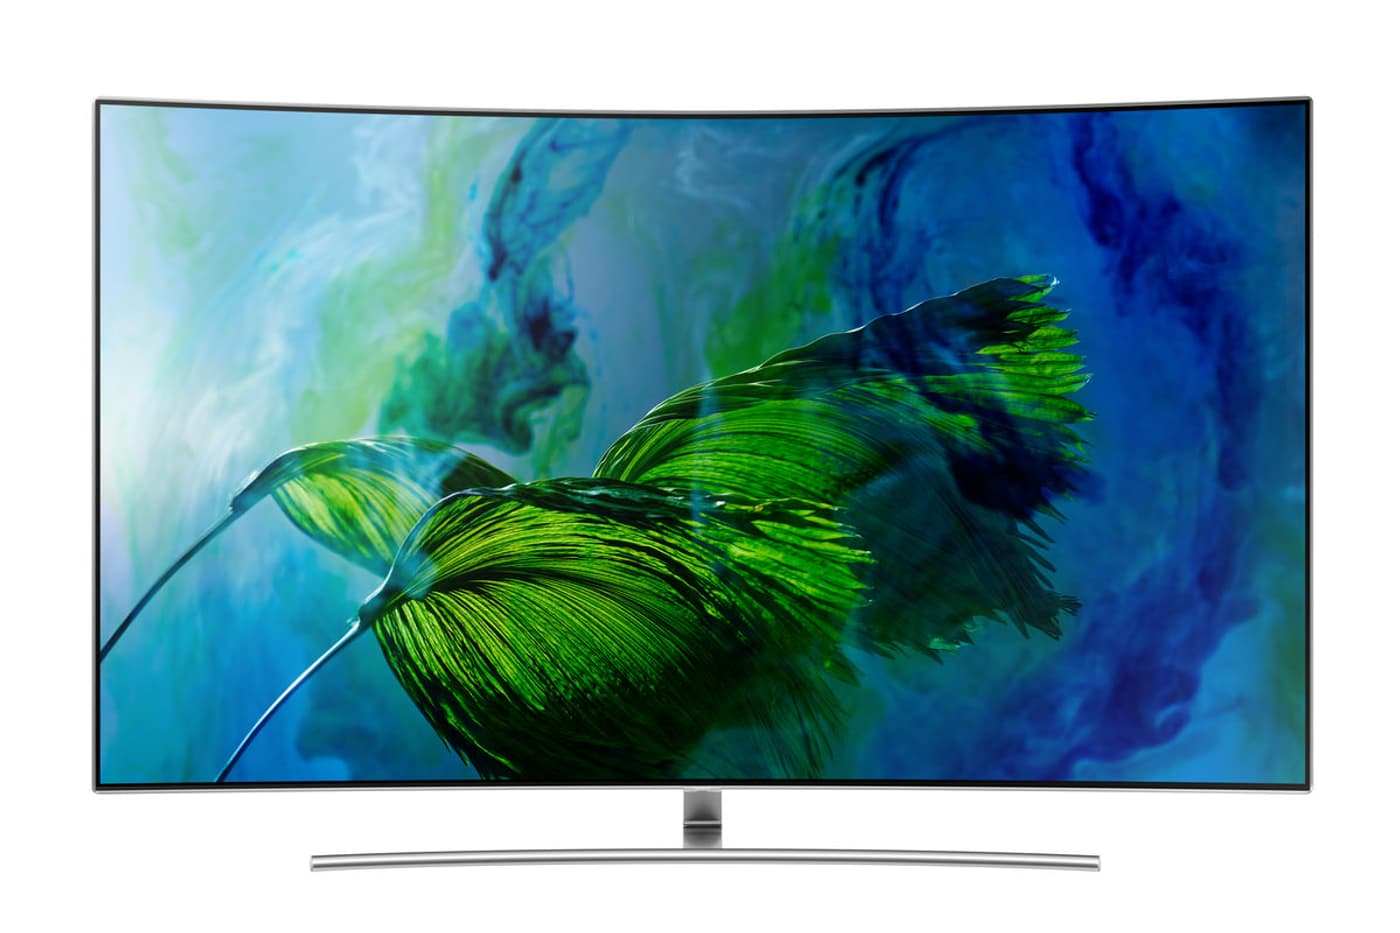 Samsung QE-55Q8C 138 cm 4K QLED TV Fernseher   Migros